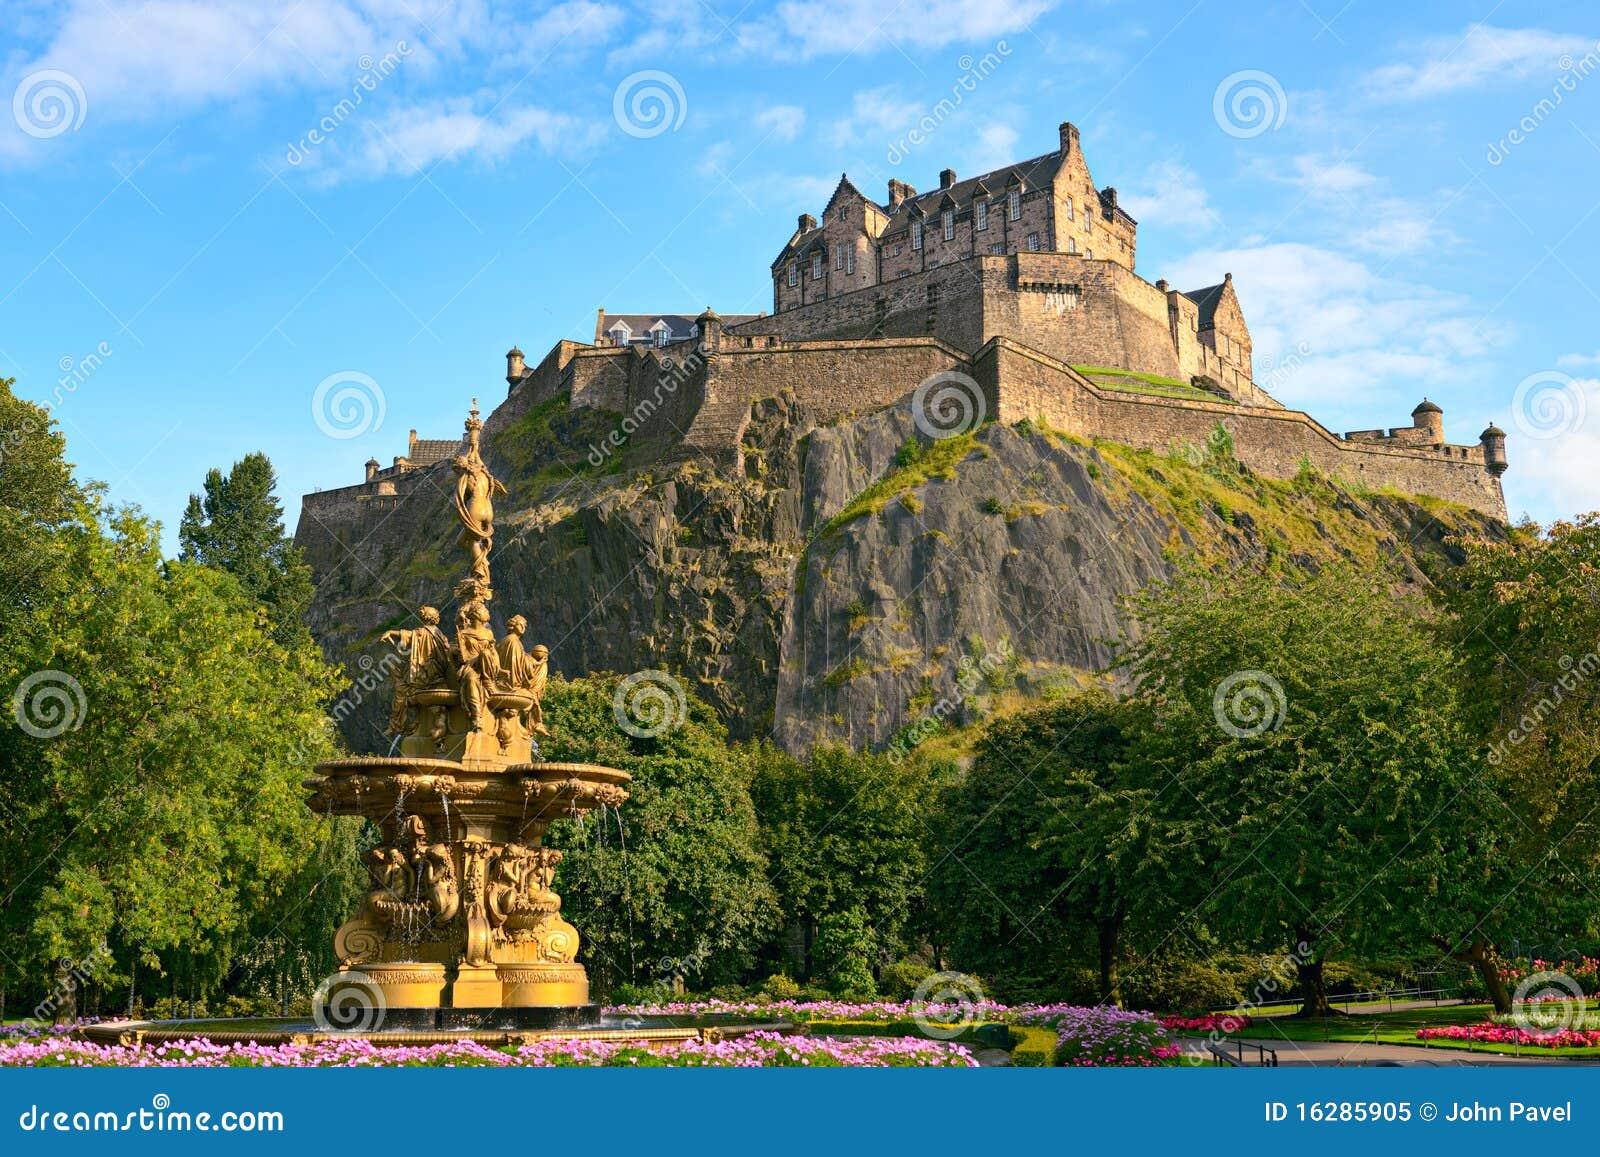 Castillo de Edimburgo, Escocia, fuente de Ross